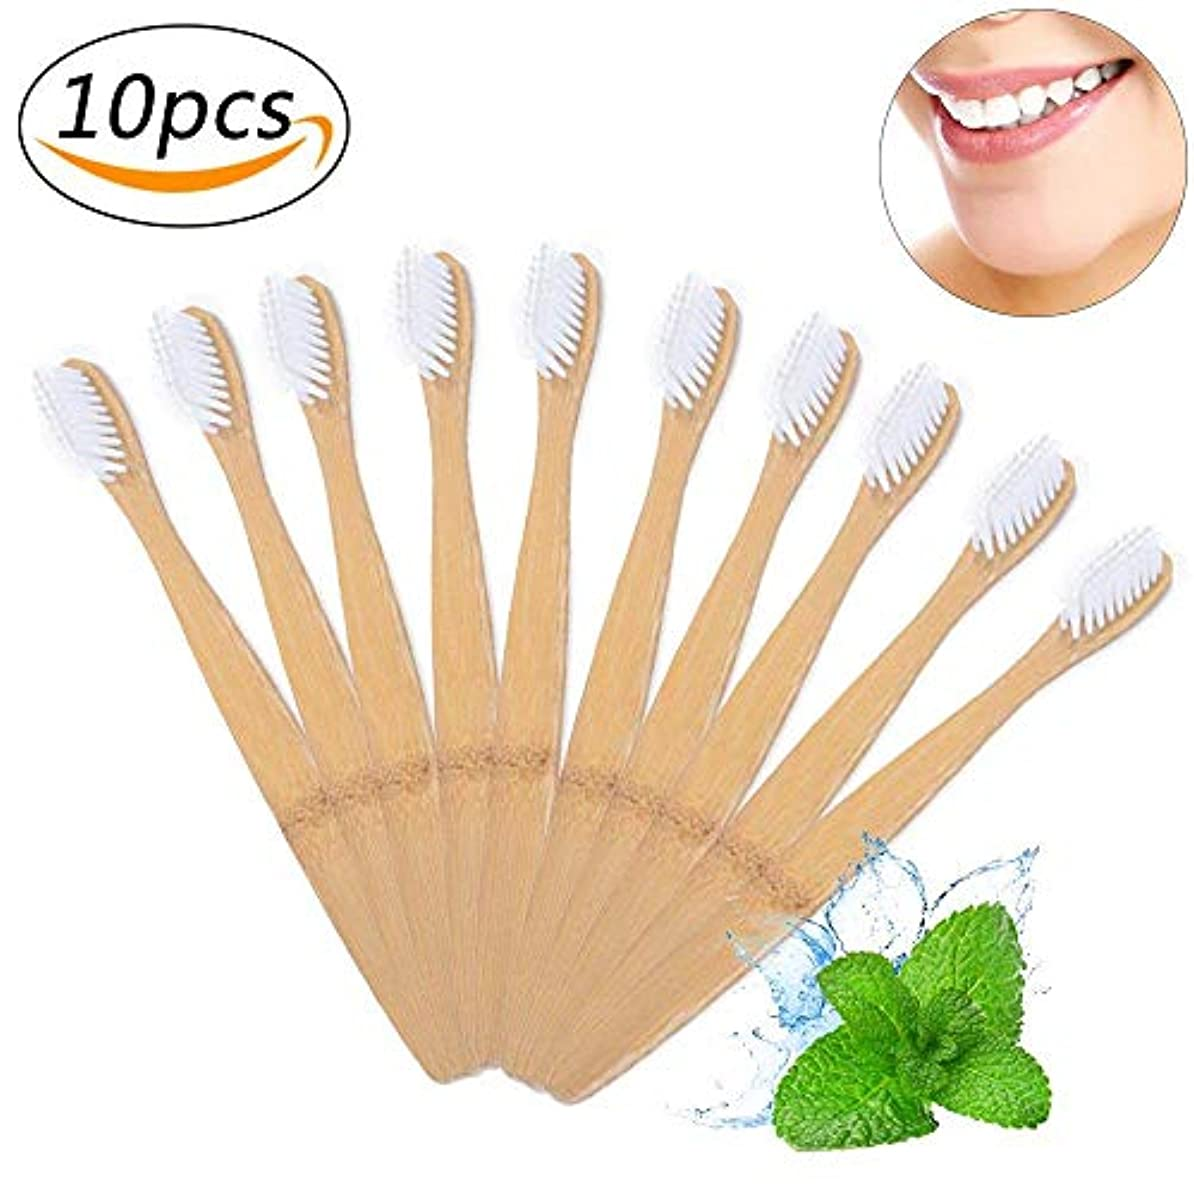 予算スリラーシールド竹の歯ブラシ 環境保護の歯ブラシ 柔らかいブラシ 分解性 耐久性 ホワイト 10本入